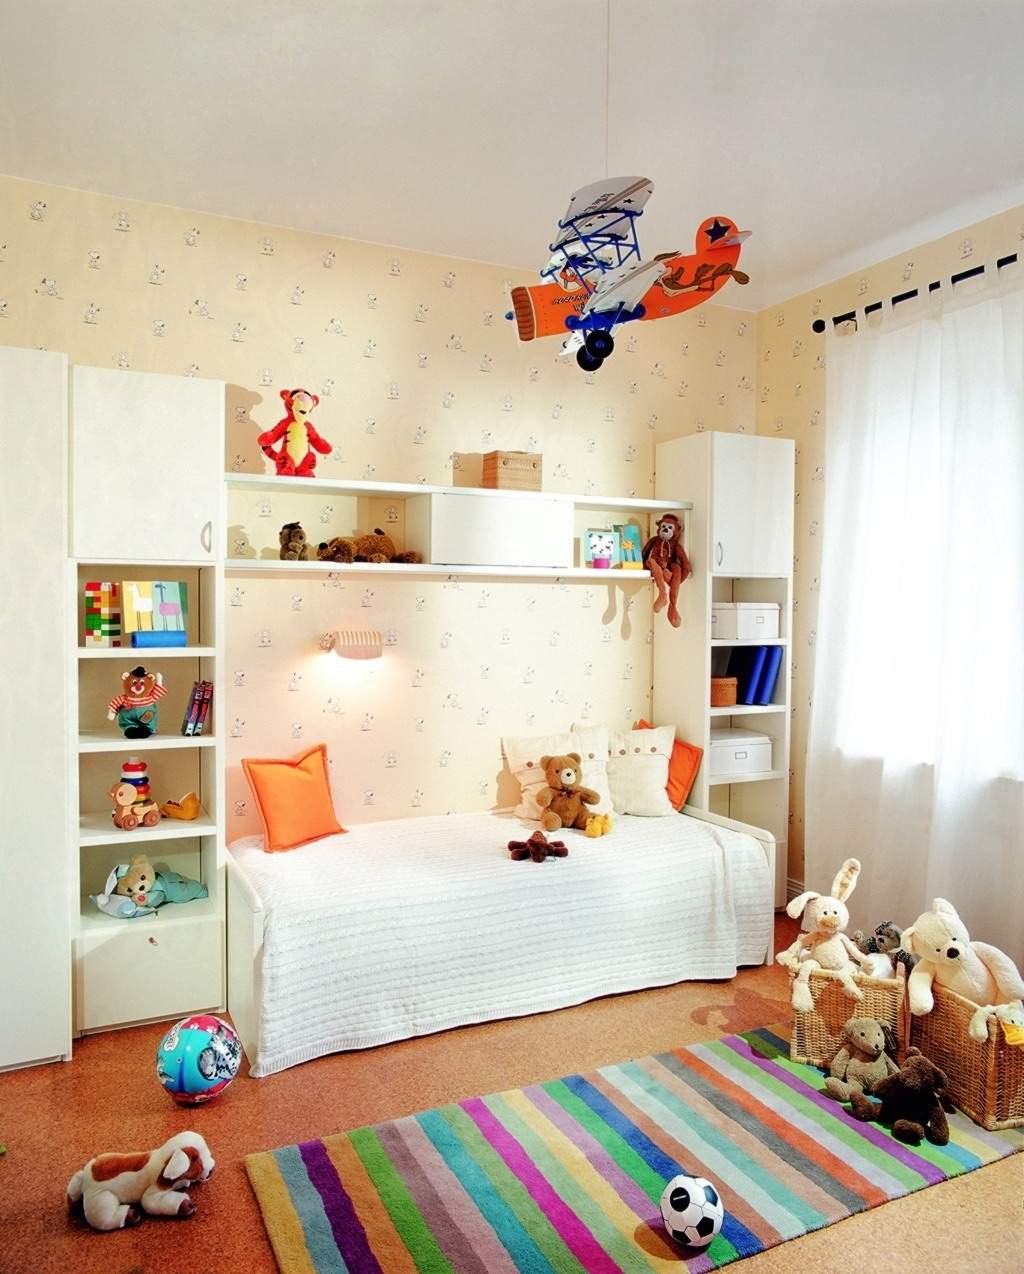 Белый потолок в небольшой детской